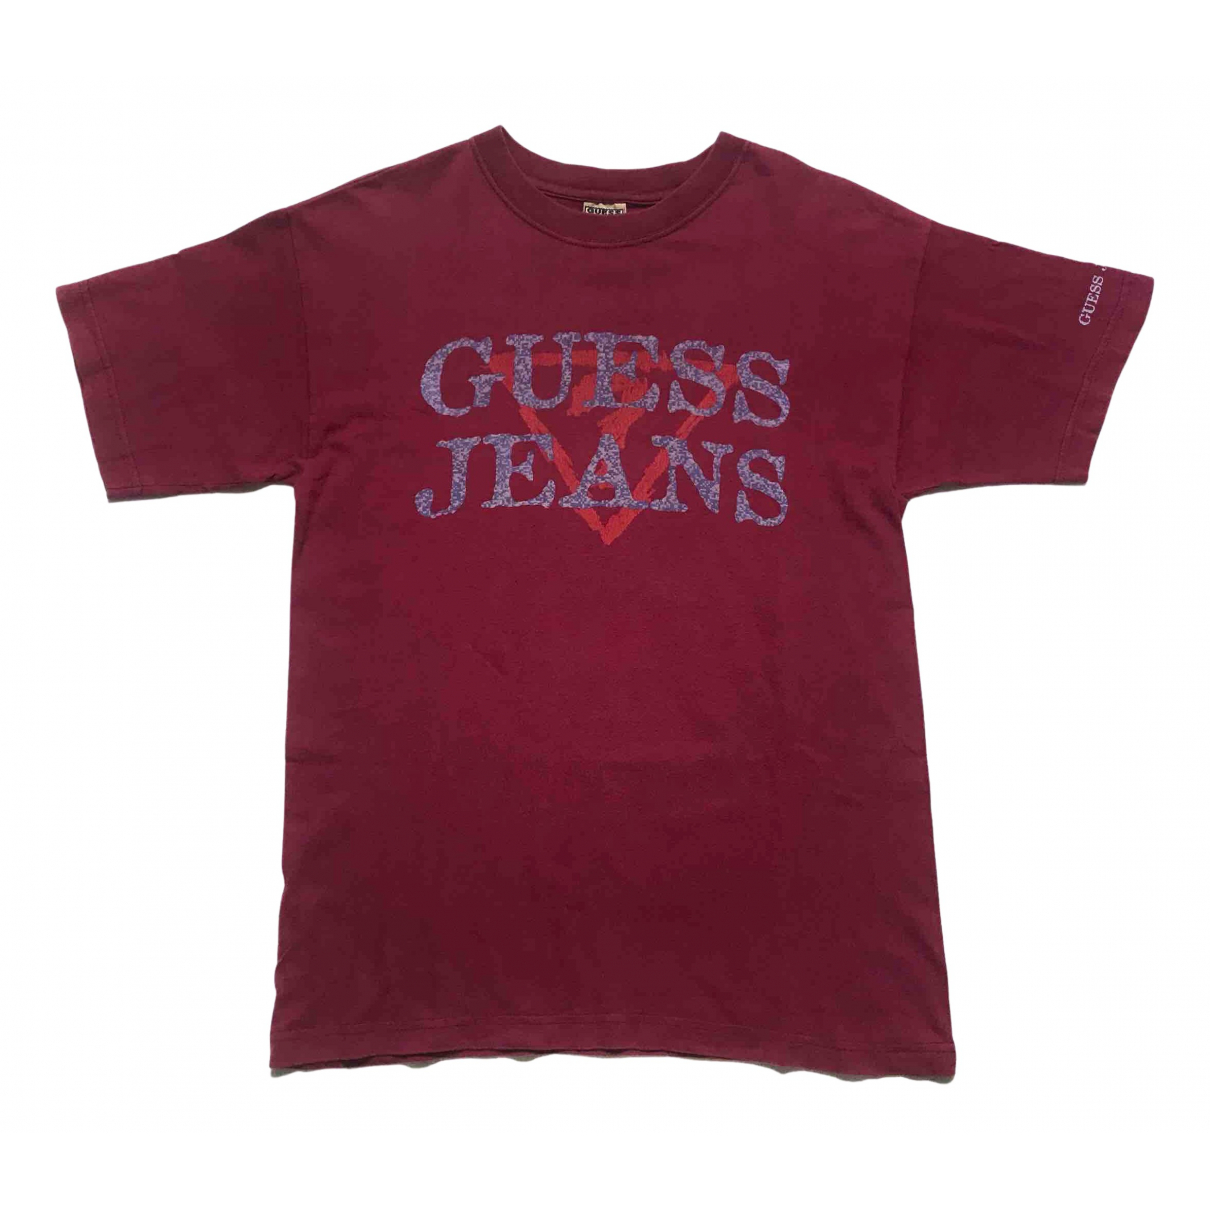 Guess - Tee shirts   pour homme en coton